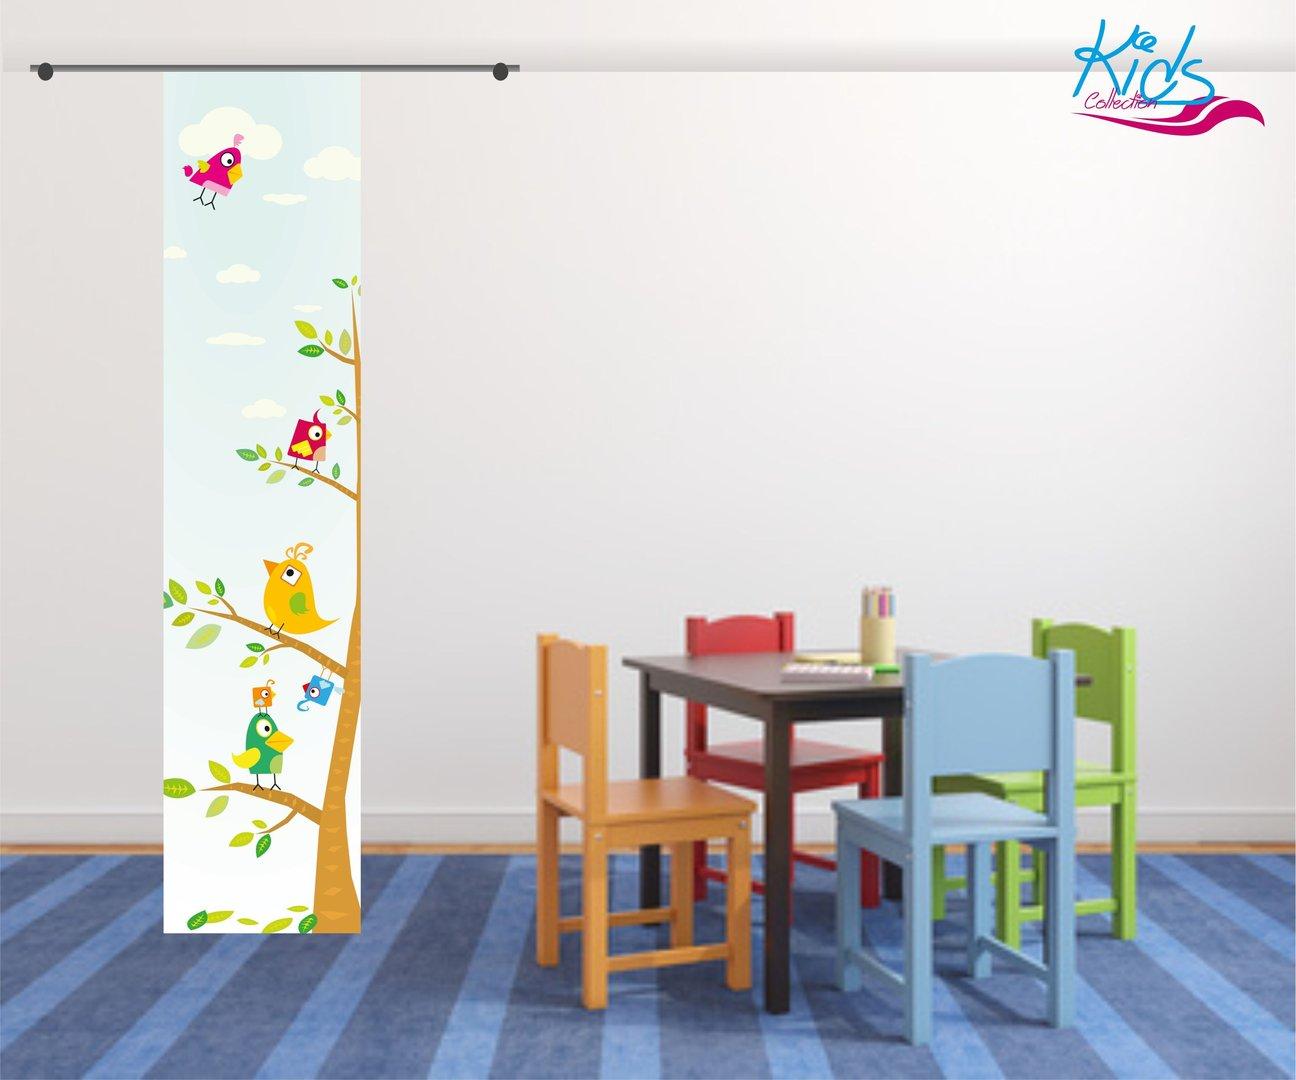 Full Size of Kinderzimmer Vorhang Flchenvorhang Kids Baum Toller Top Regal Weiß Küche Sofa Regale Bad Wohnzimmer Kinderzimmer Kinderzimmer Vorhang